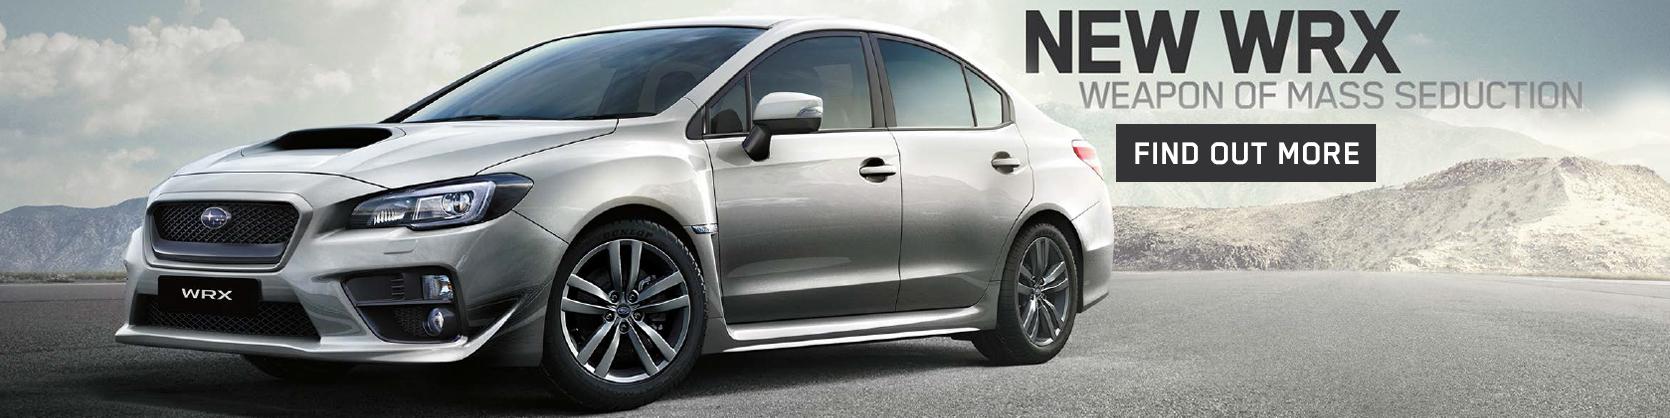 Buy Used Car In Brisbane Australia